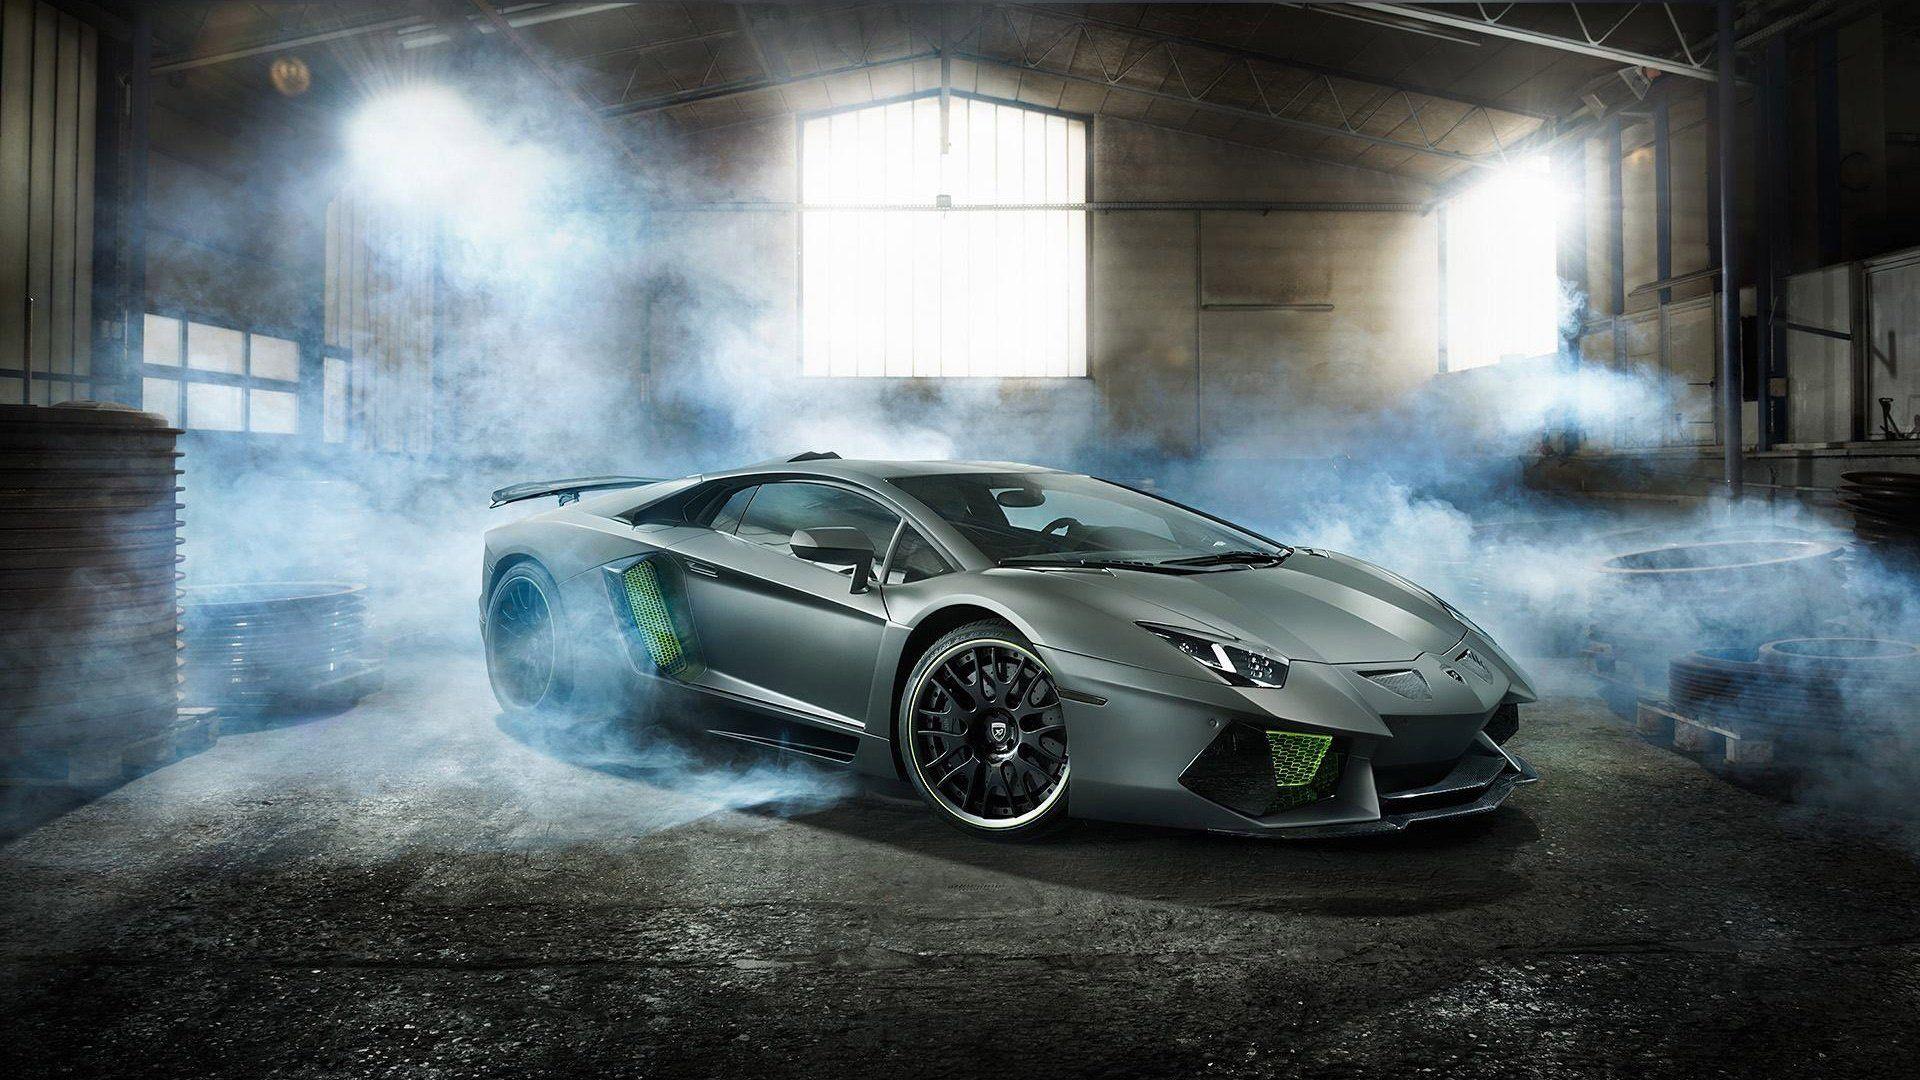 Car 2014 Hamann Lamborghini Aventador Wallpaper